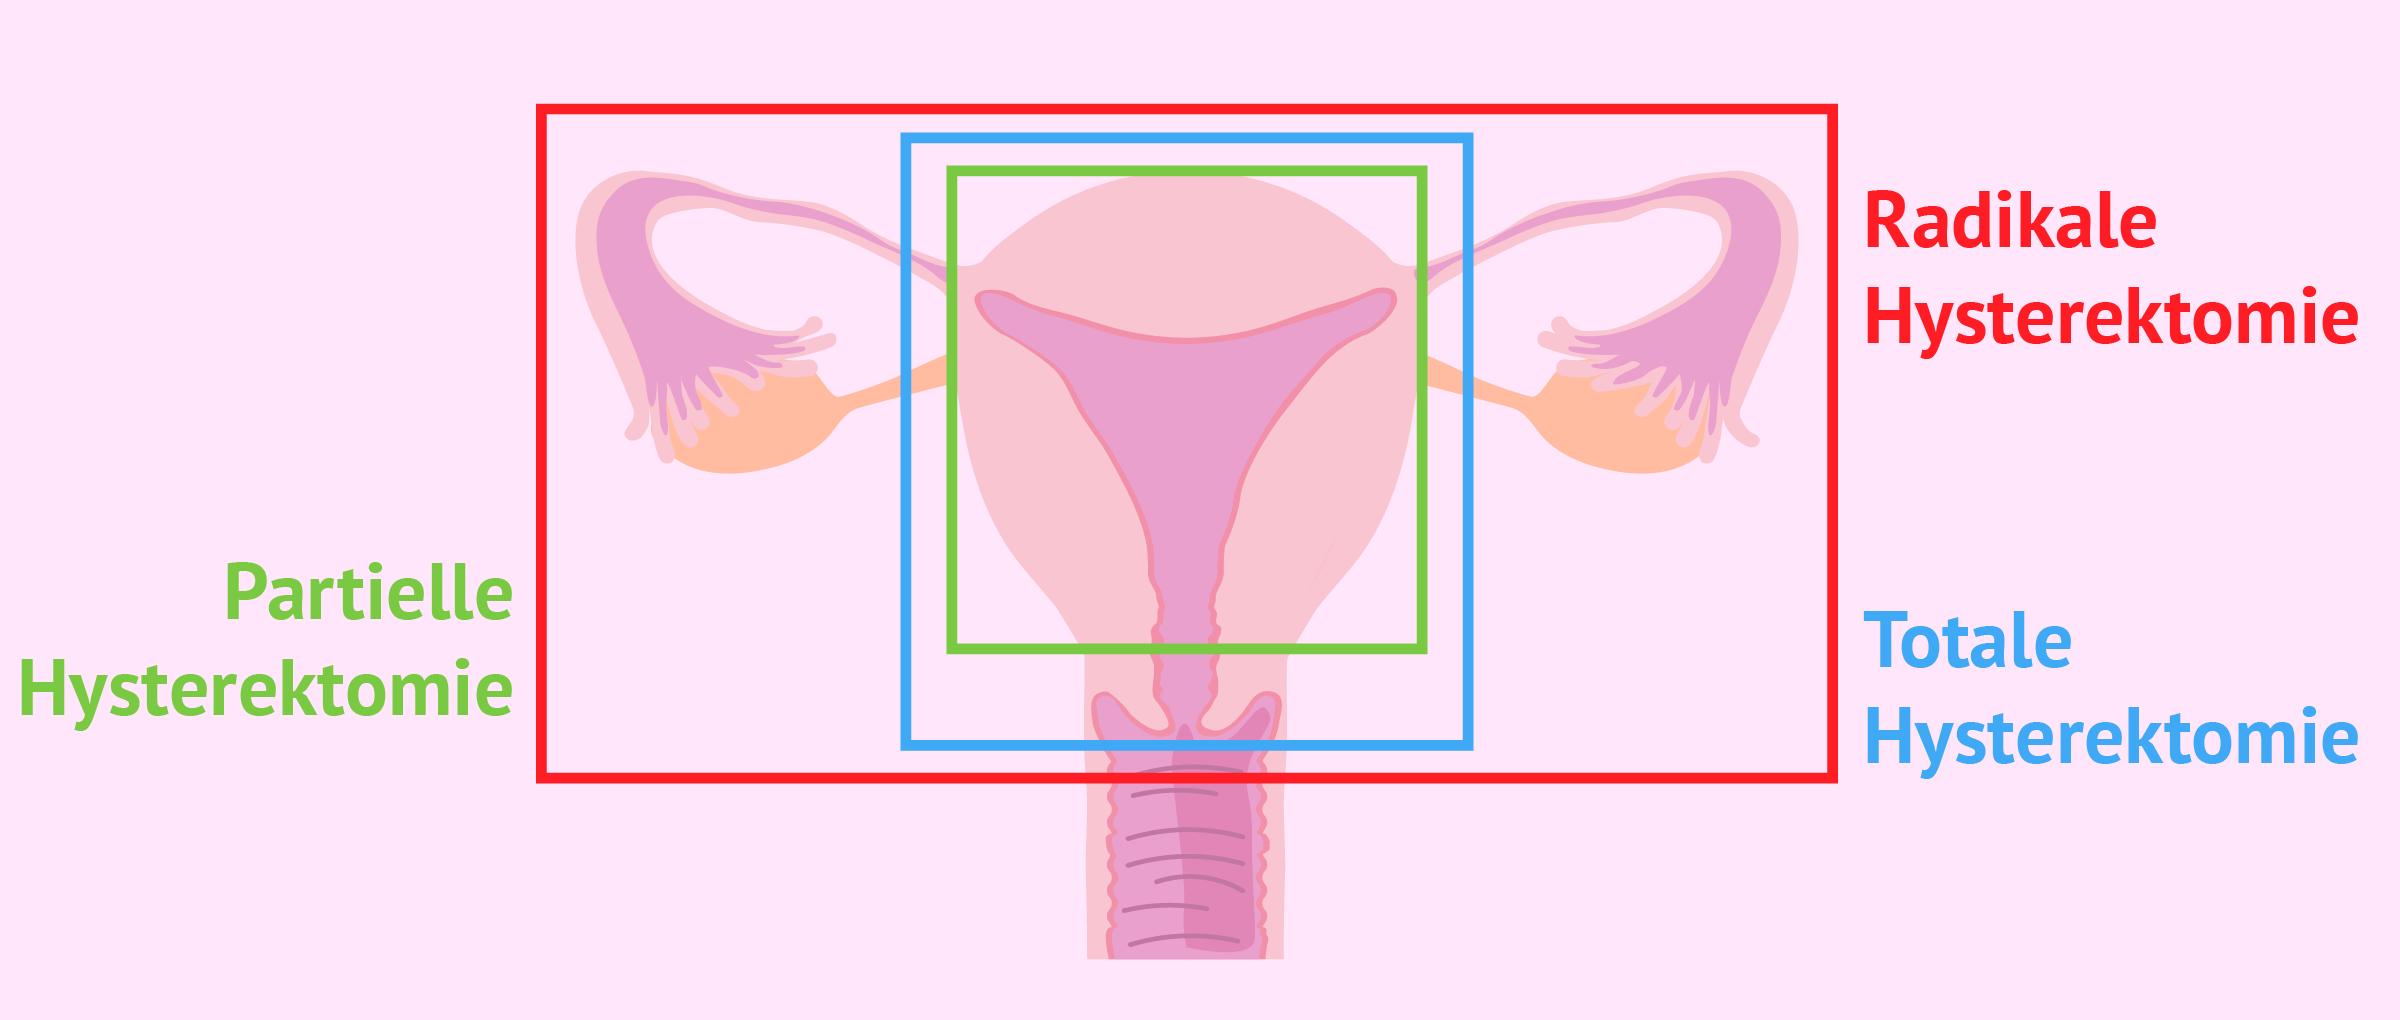 Arten von Hysterektomie